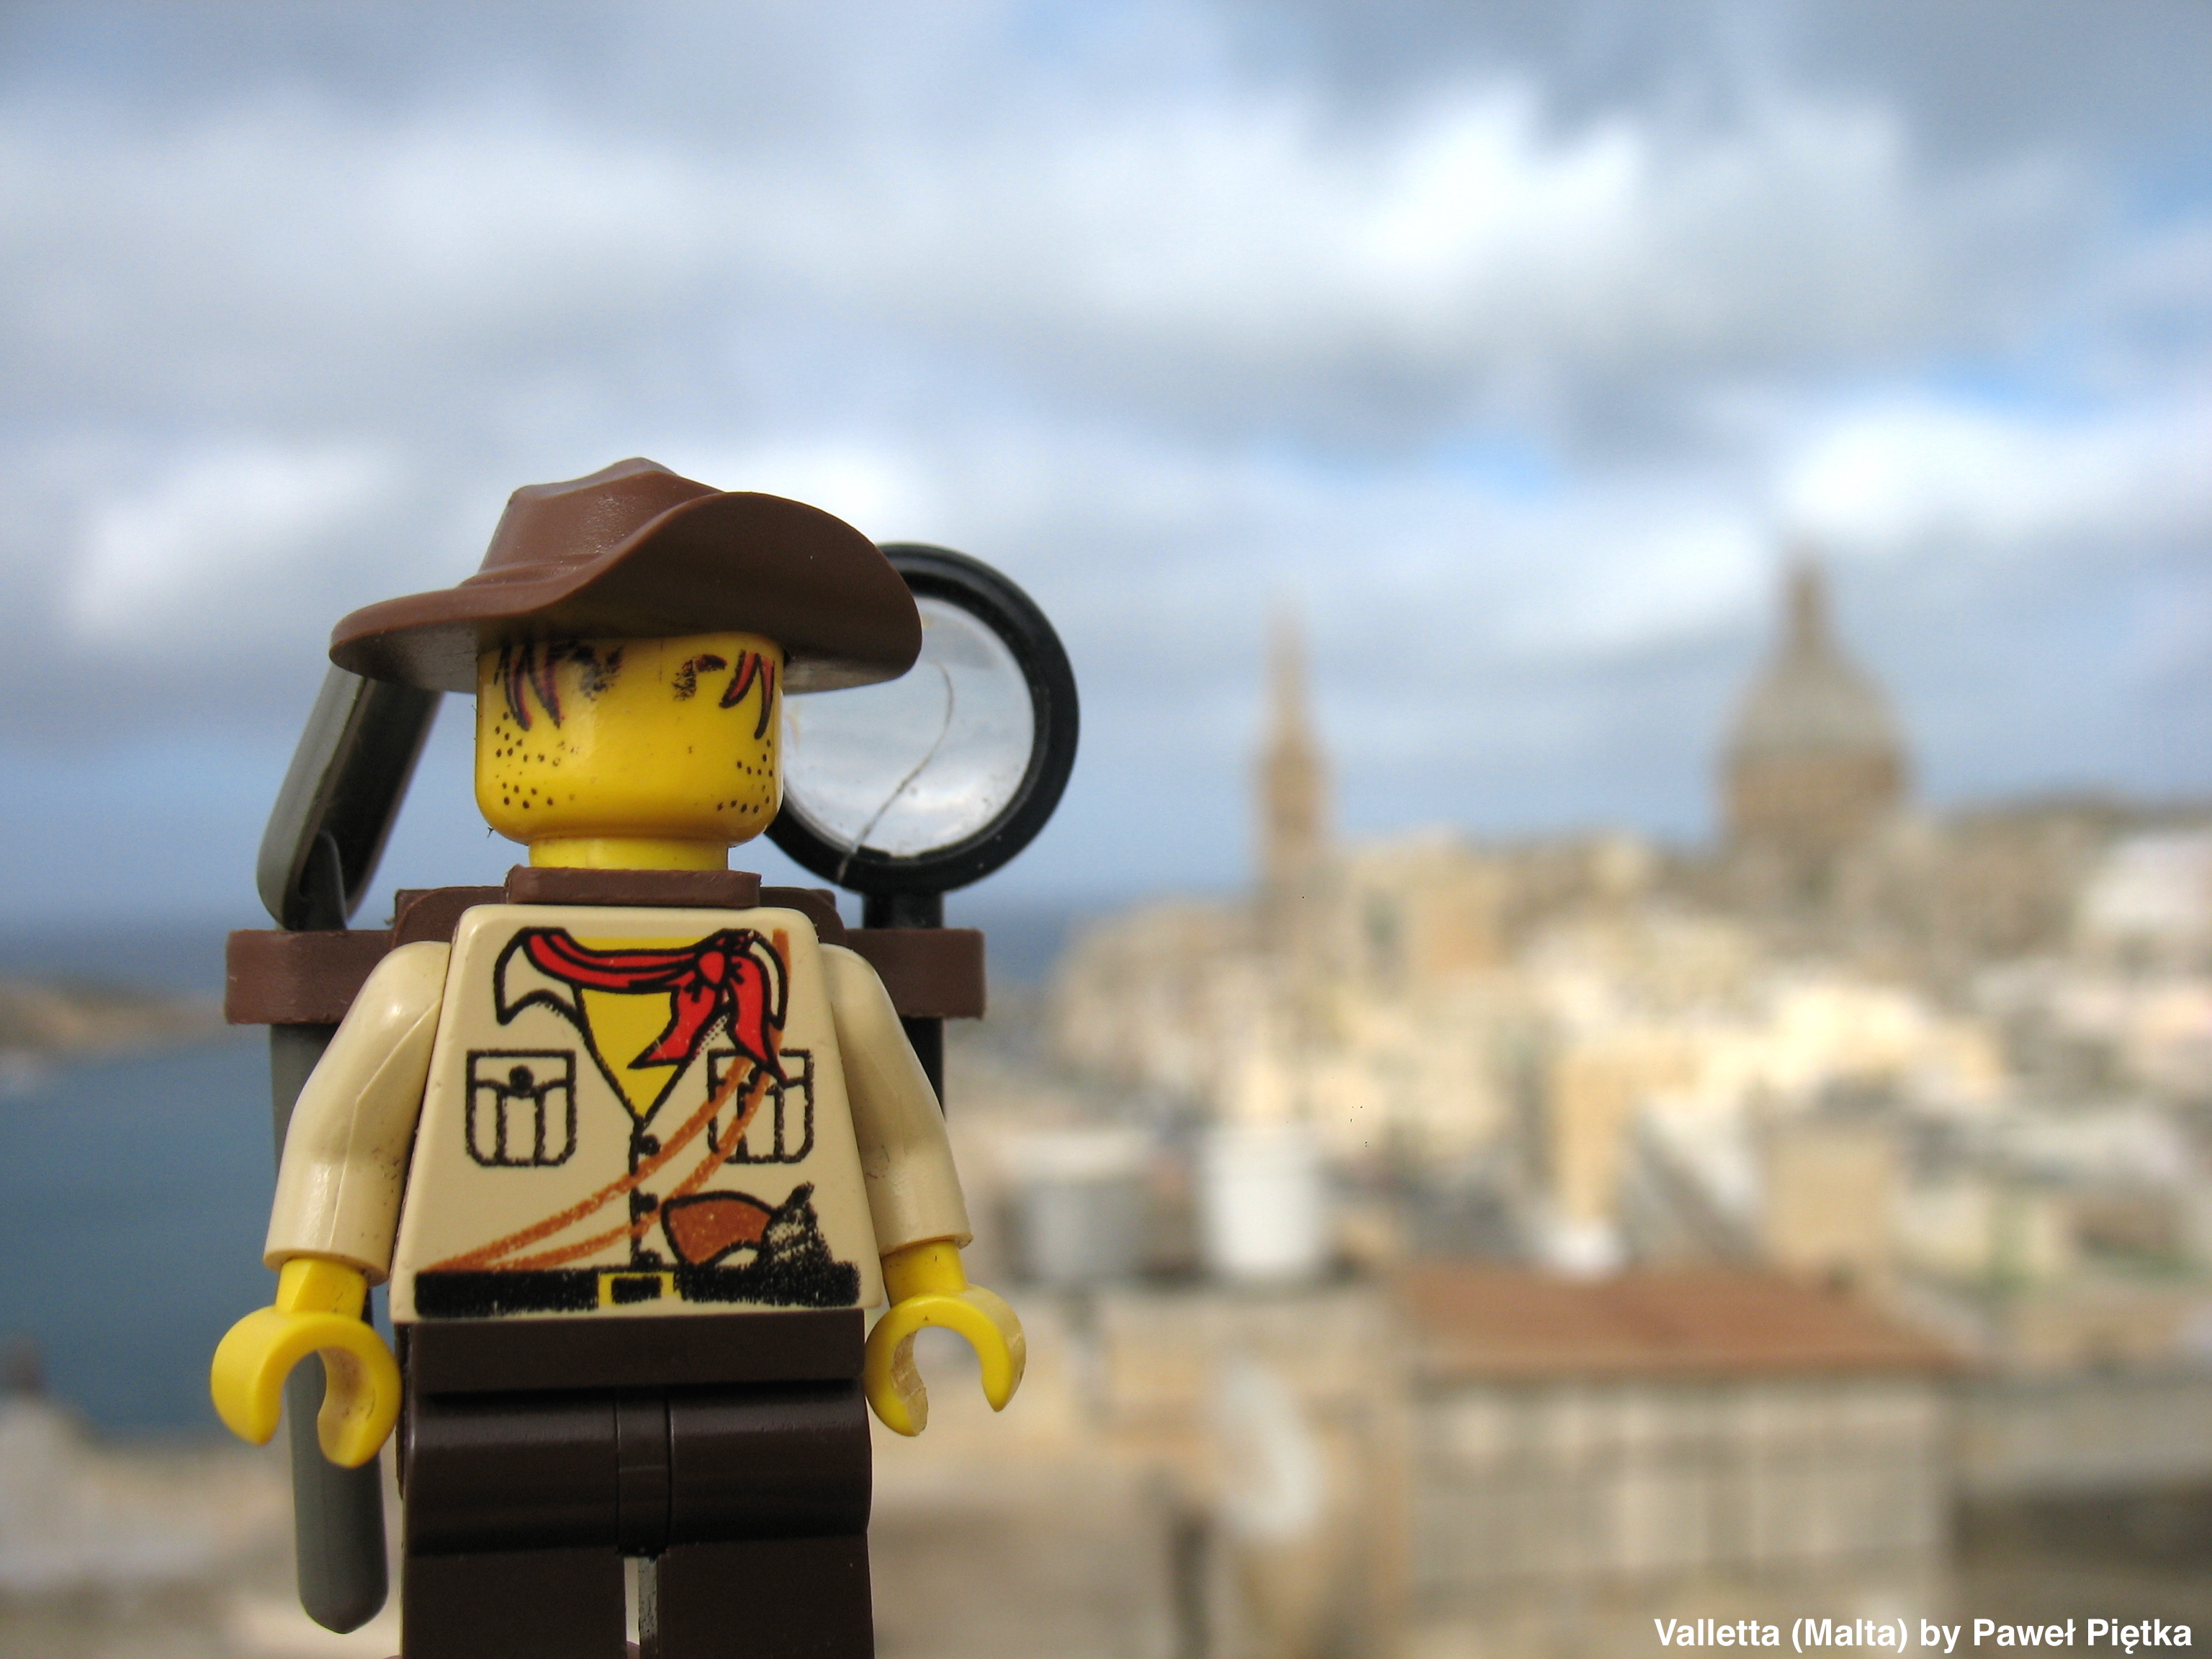 Valletta (Malta) - capital city